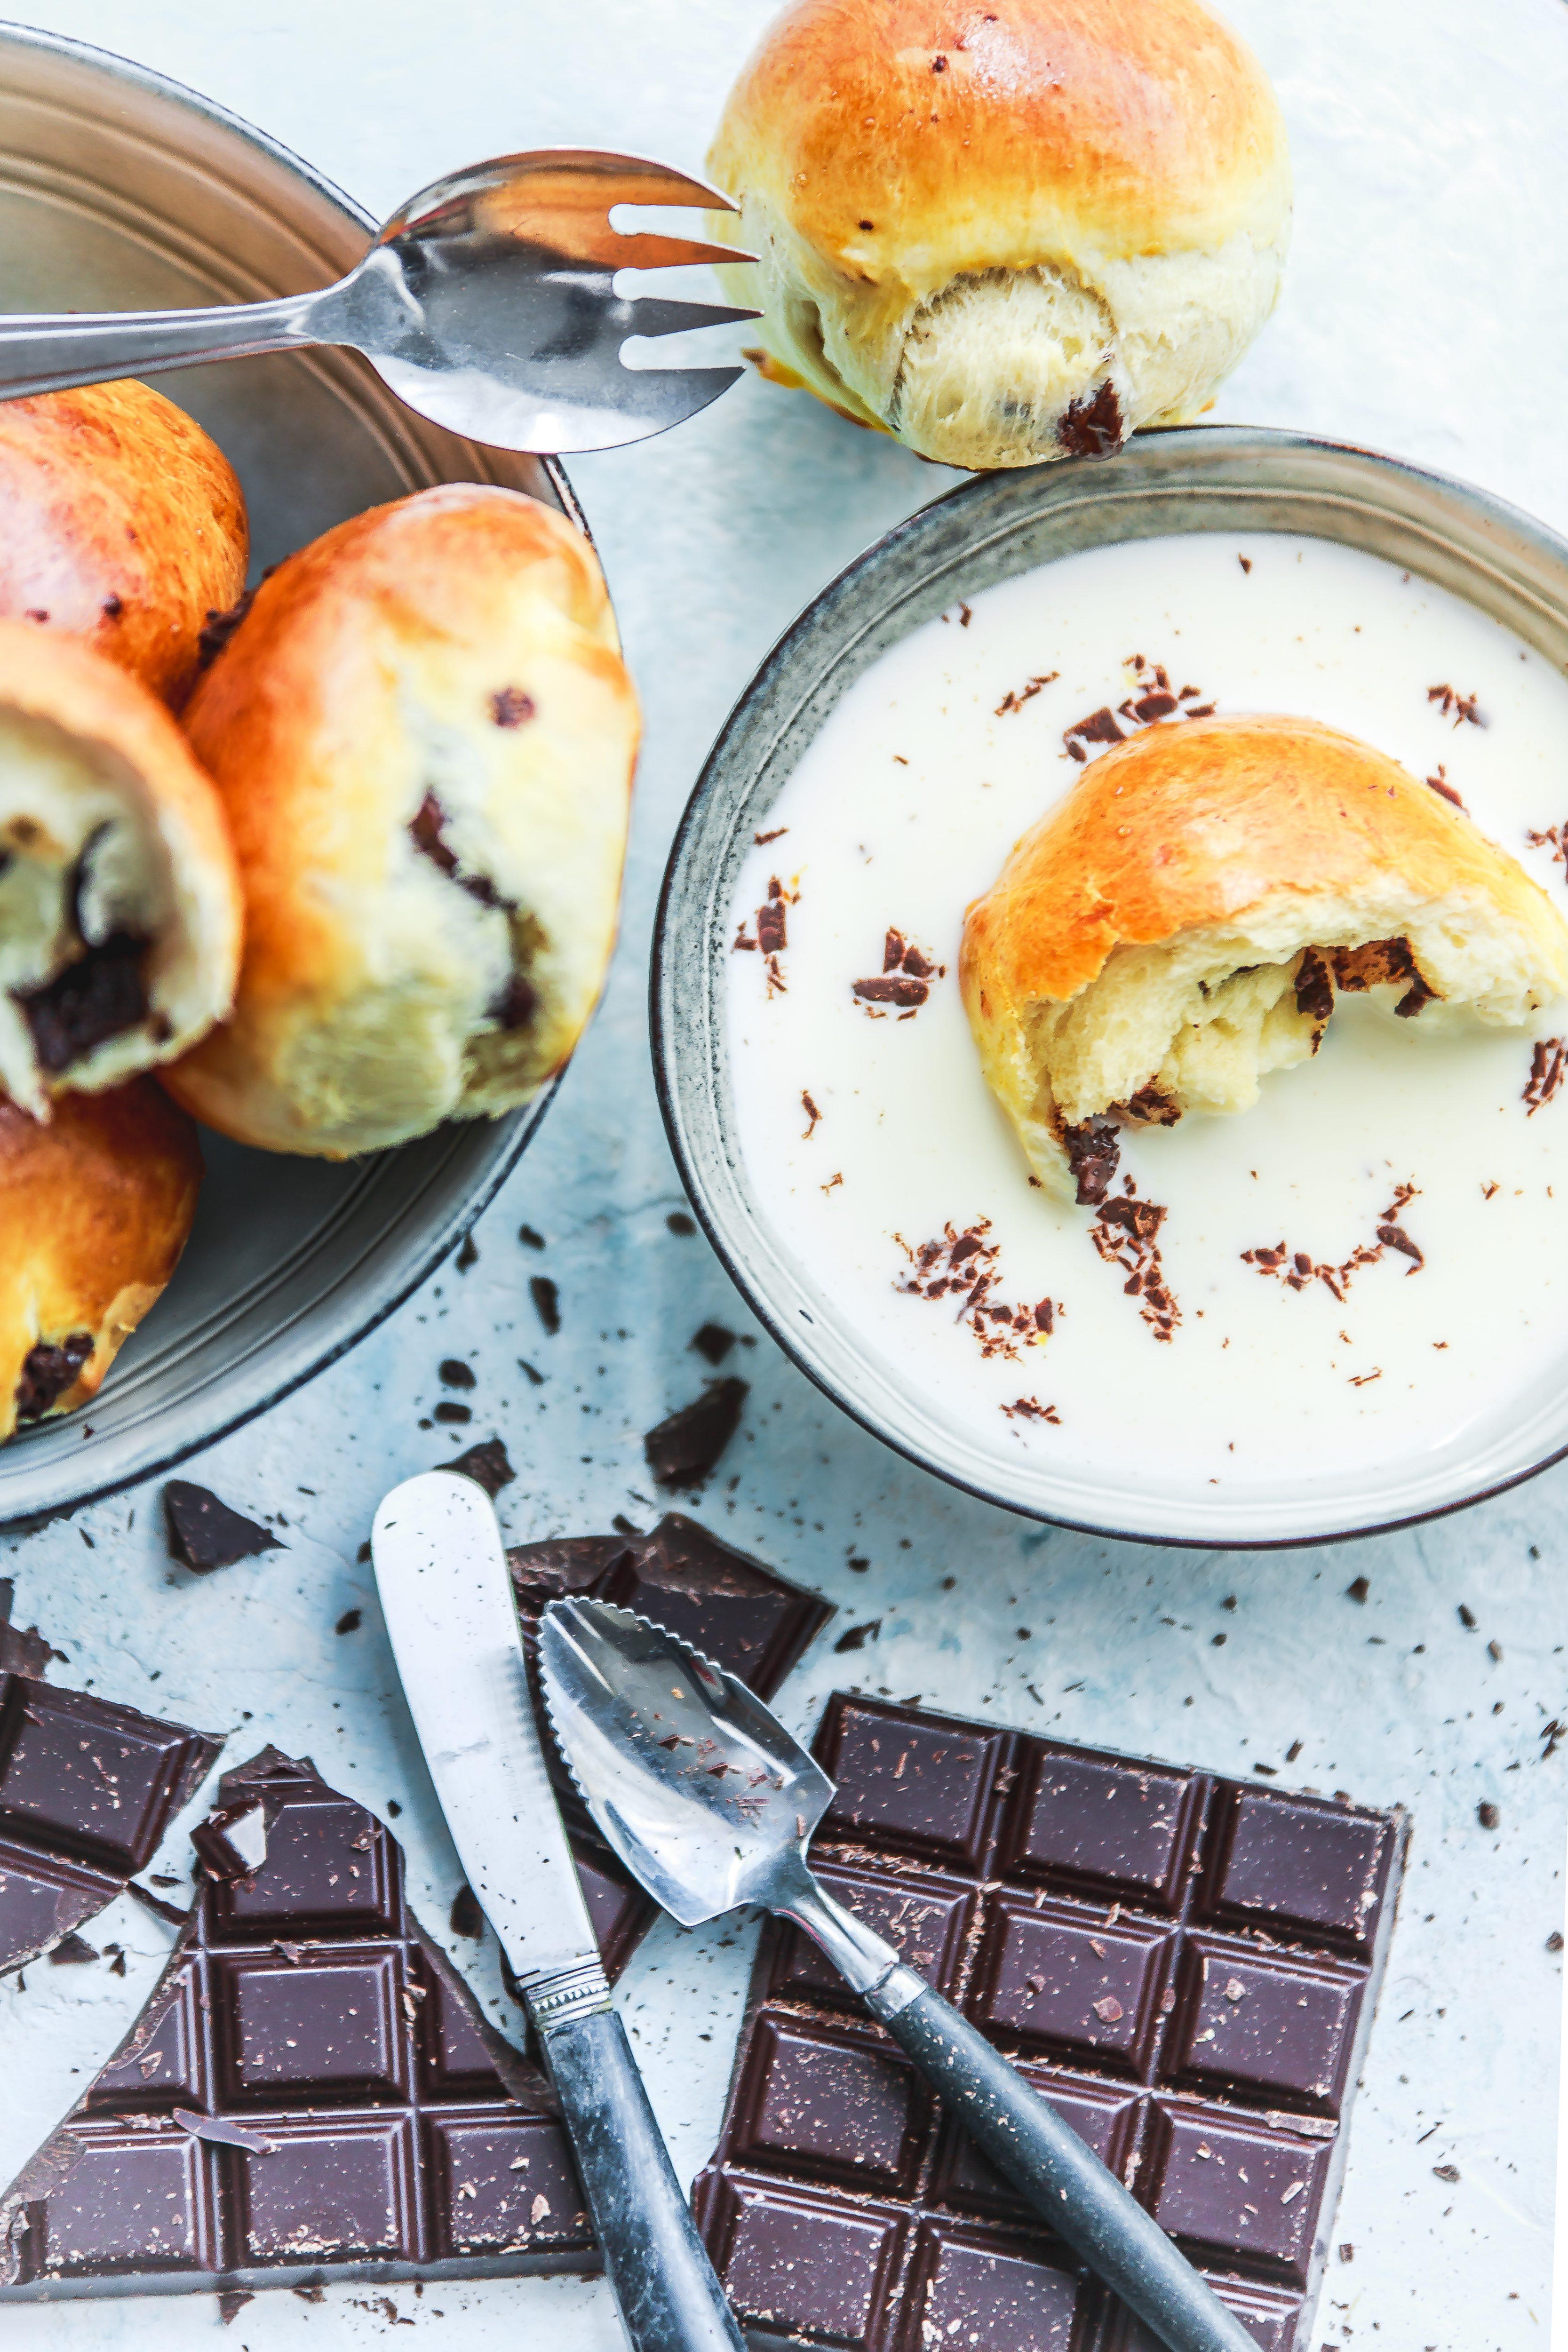 Petits pains au lait et chocolat. Photographe culinaire.